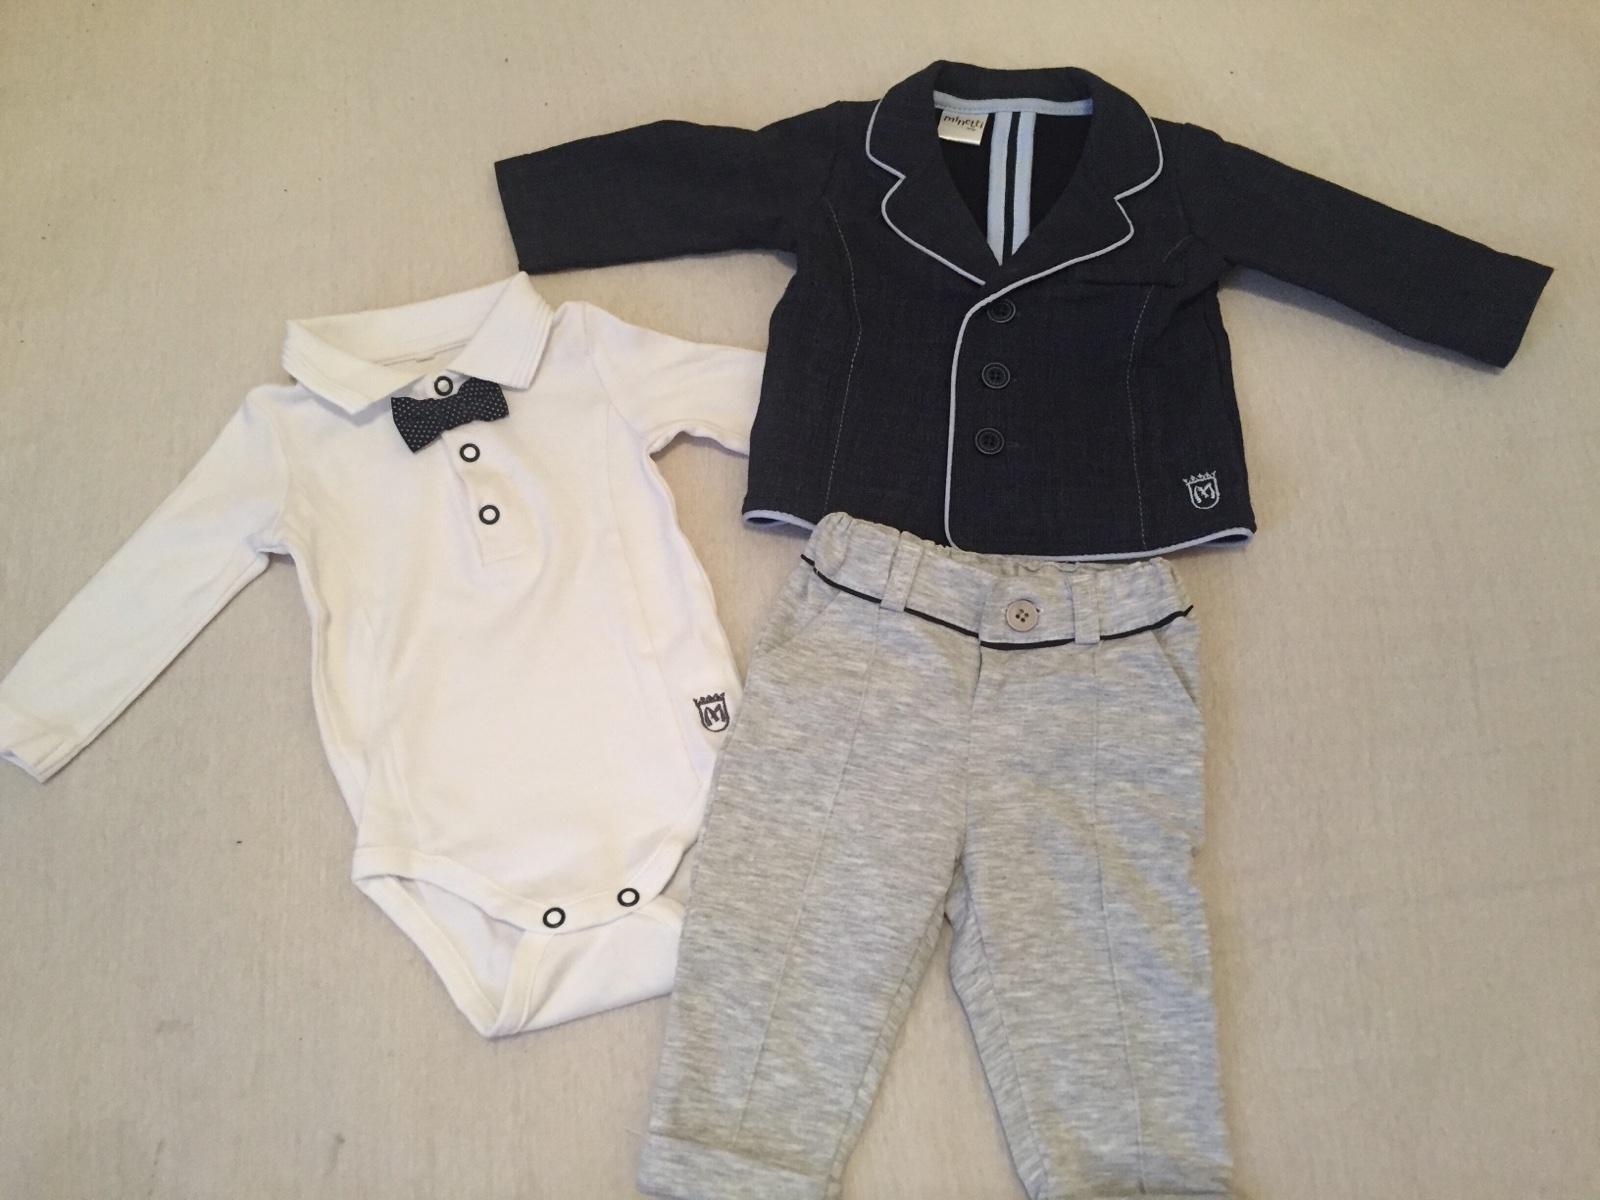 5ca0404eea40 Spoločenské oblečenie pre chlapca